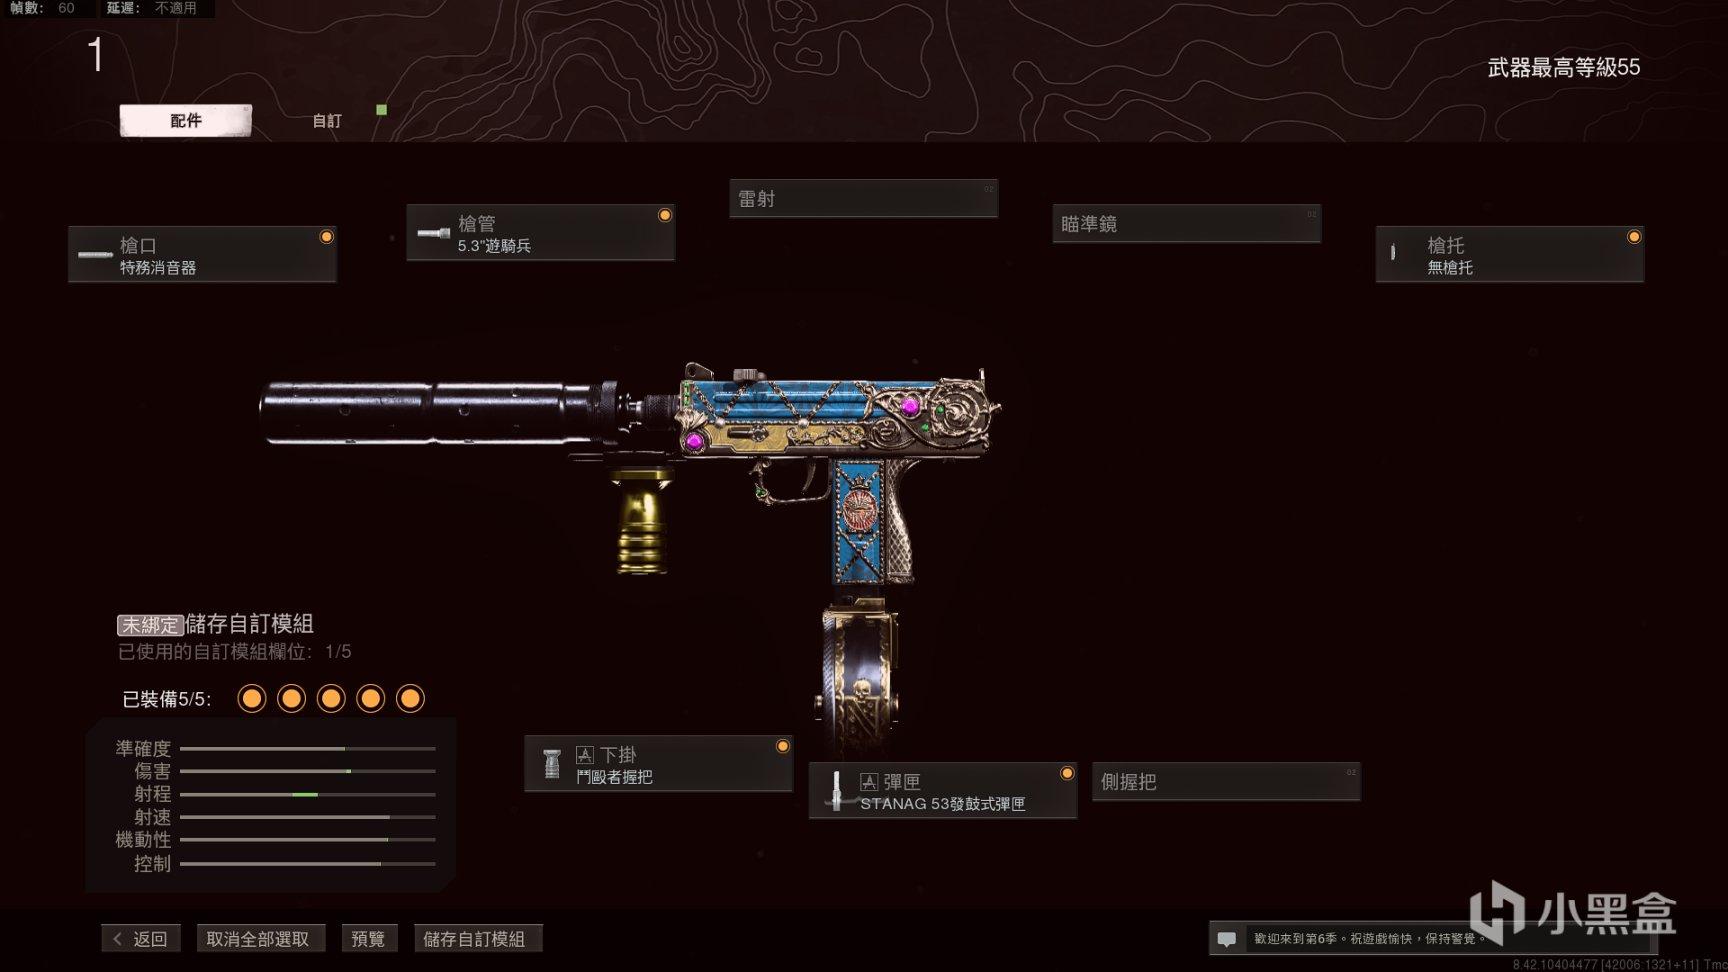 【使命召唤战区】第六季武器使用推荐插图10